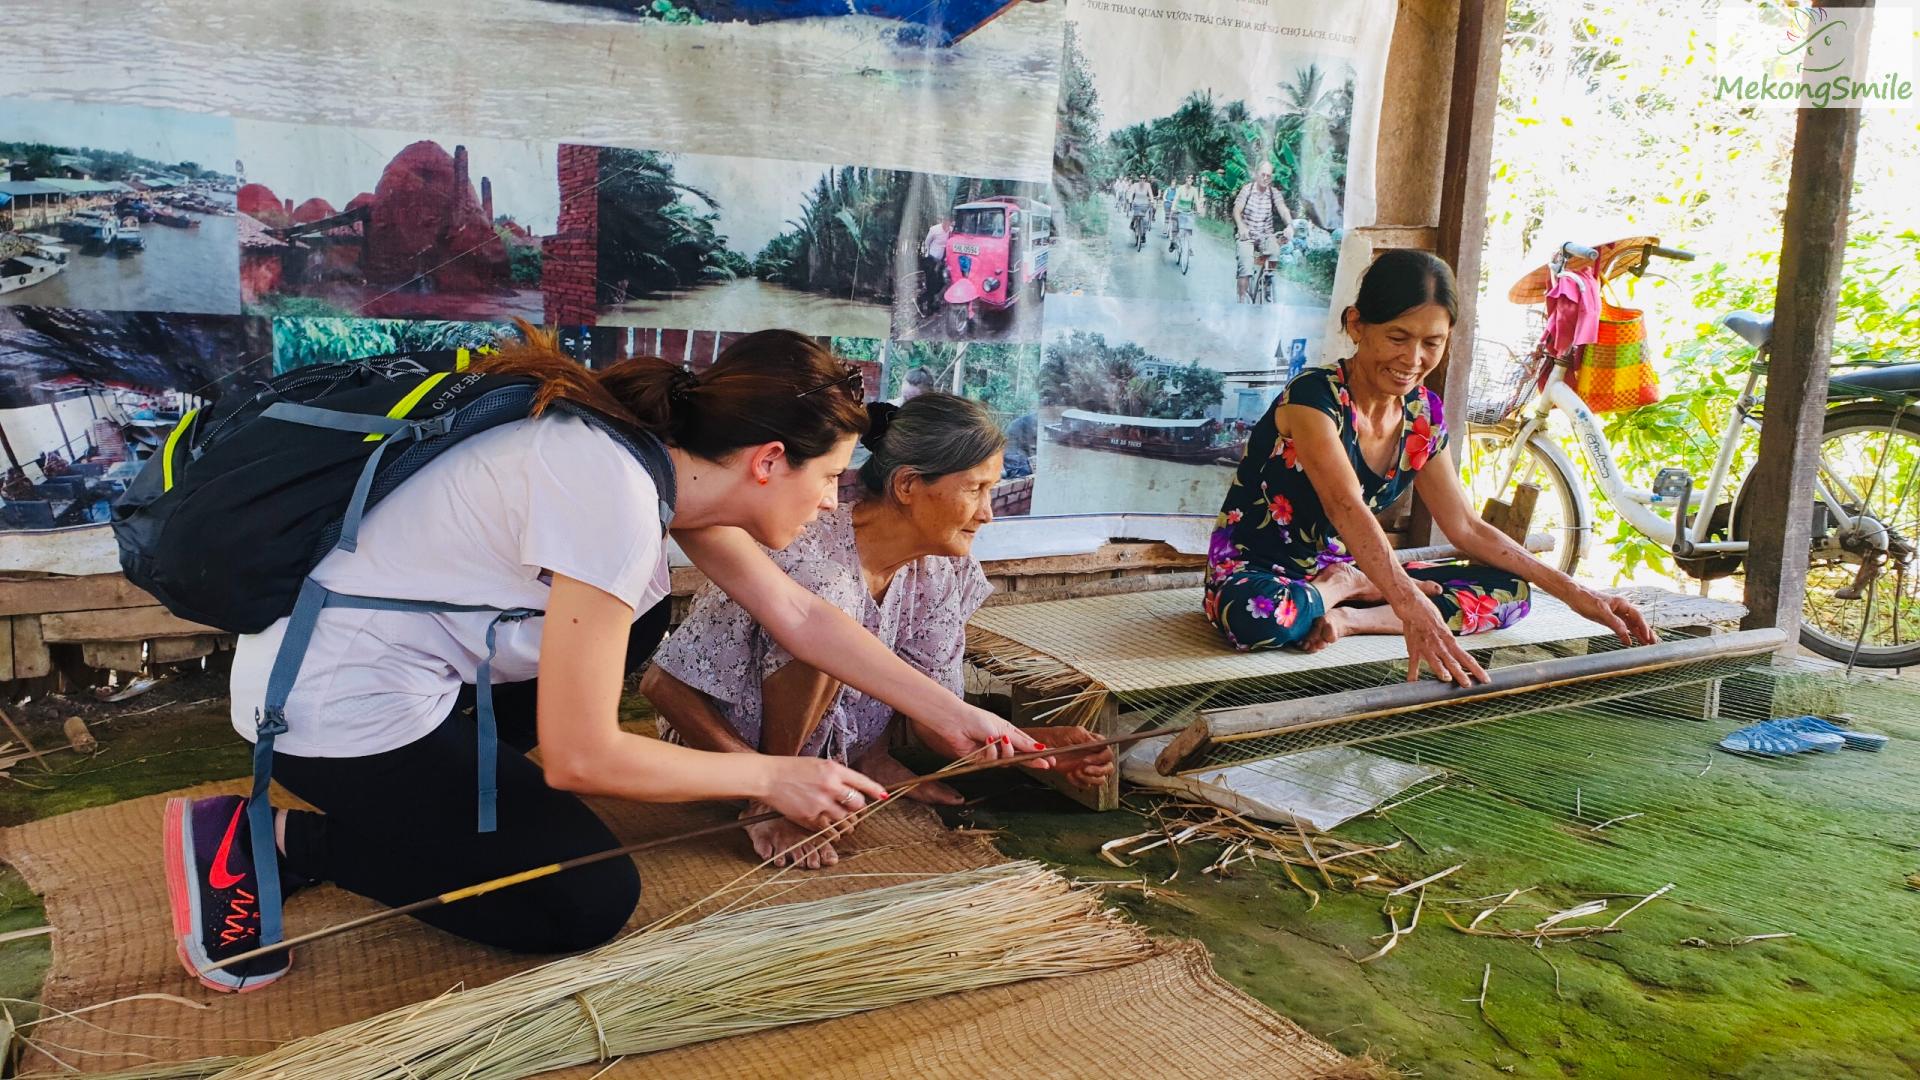 Try making a sleeping mat in a Mekong delta Ben Tre 1 day tour